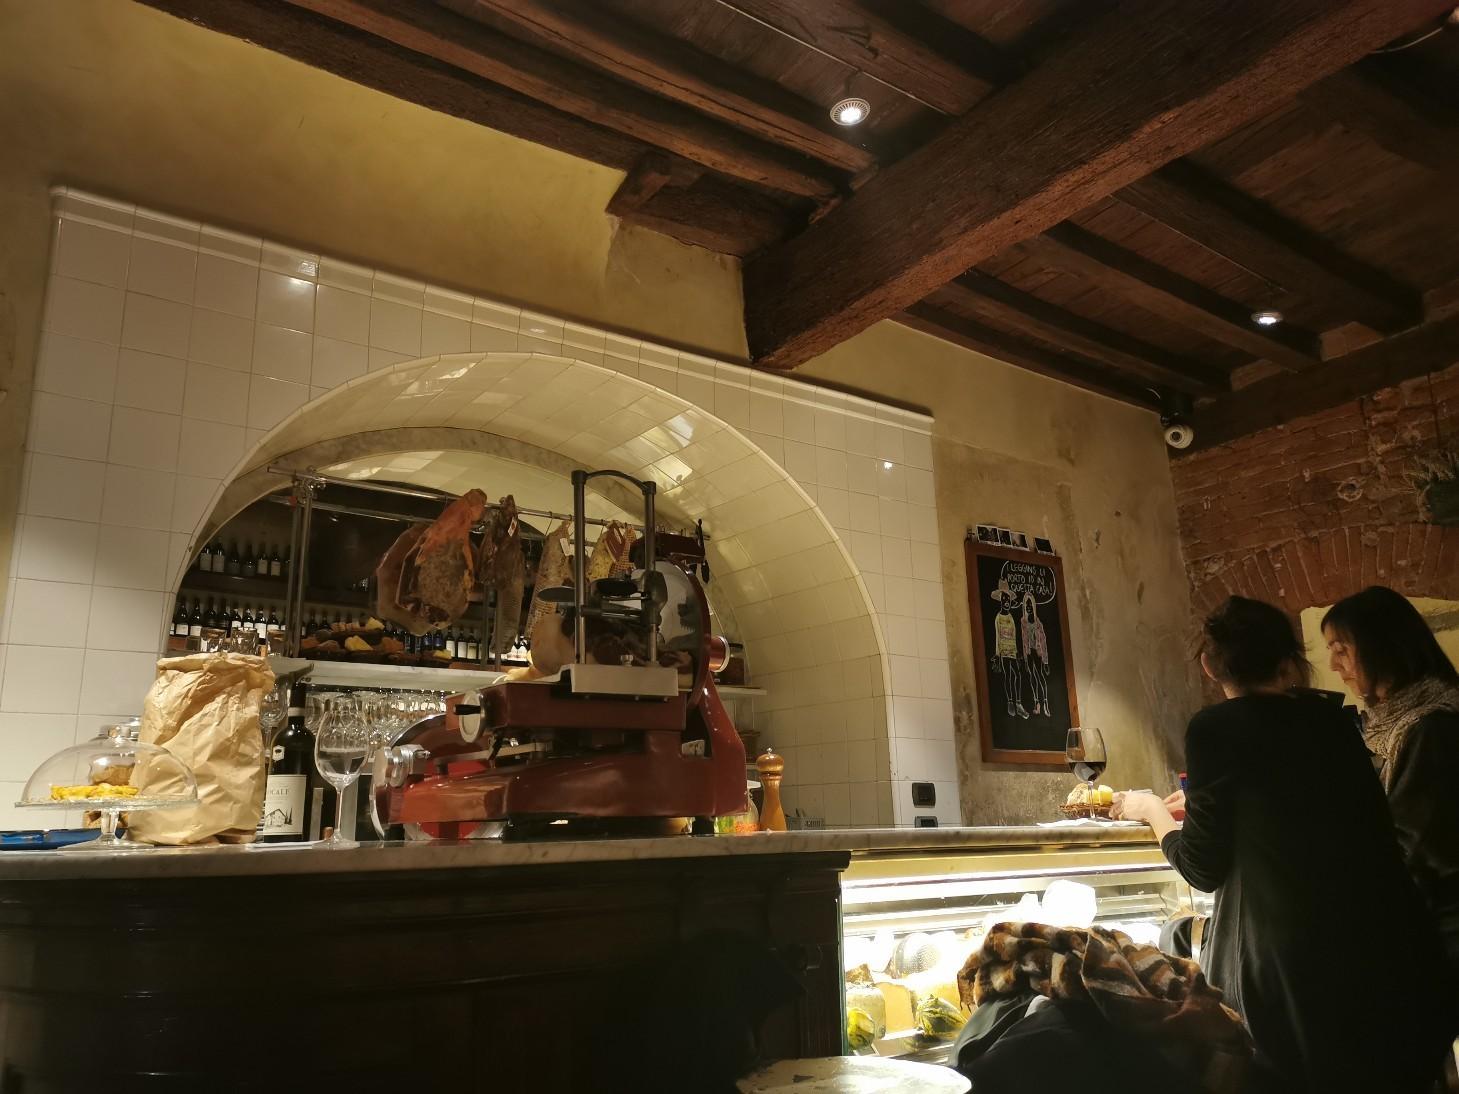 フィレンツェで 大人な時間_f0106597_03290561.jpg